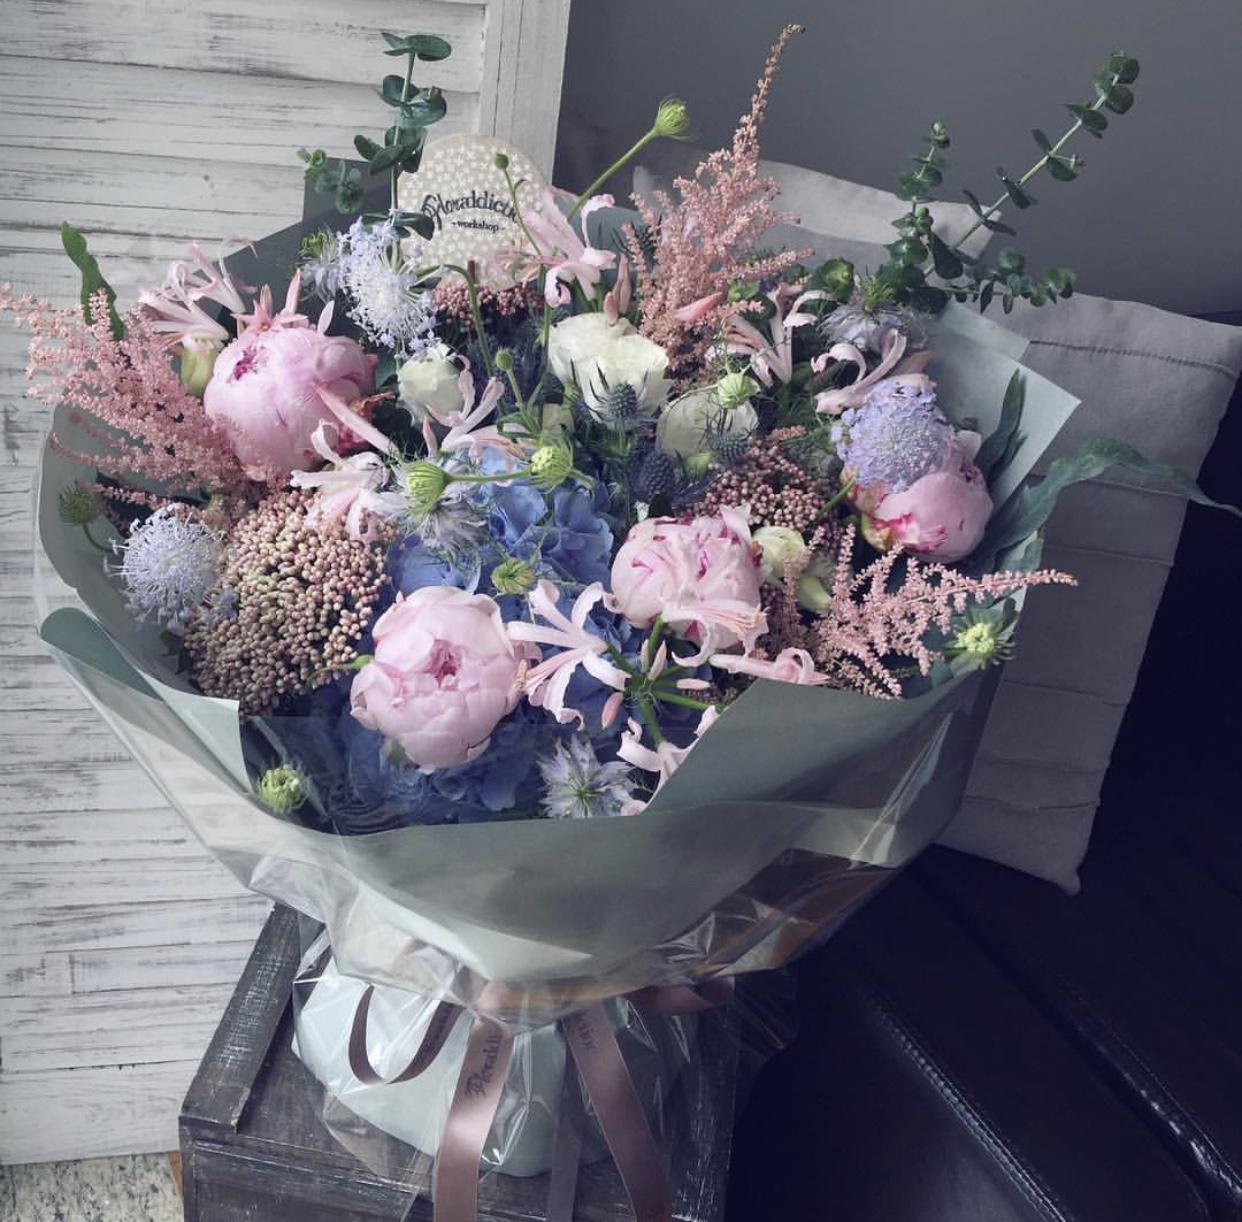 美滿(5枝進口粉牡丹,藍繡球,粉換錦,白米,紫翠珠,粉雪,高麻,尤加利)